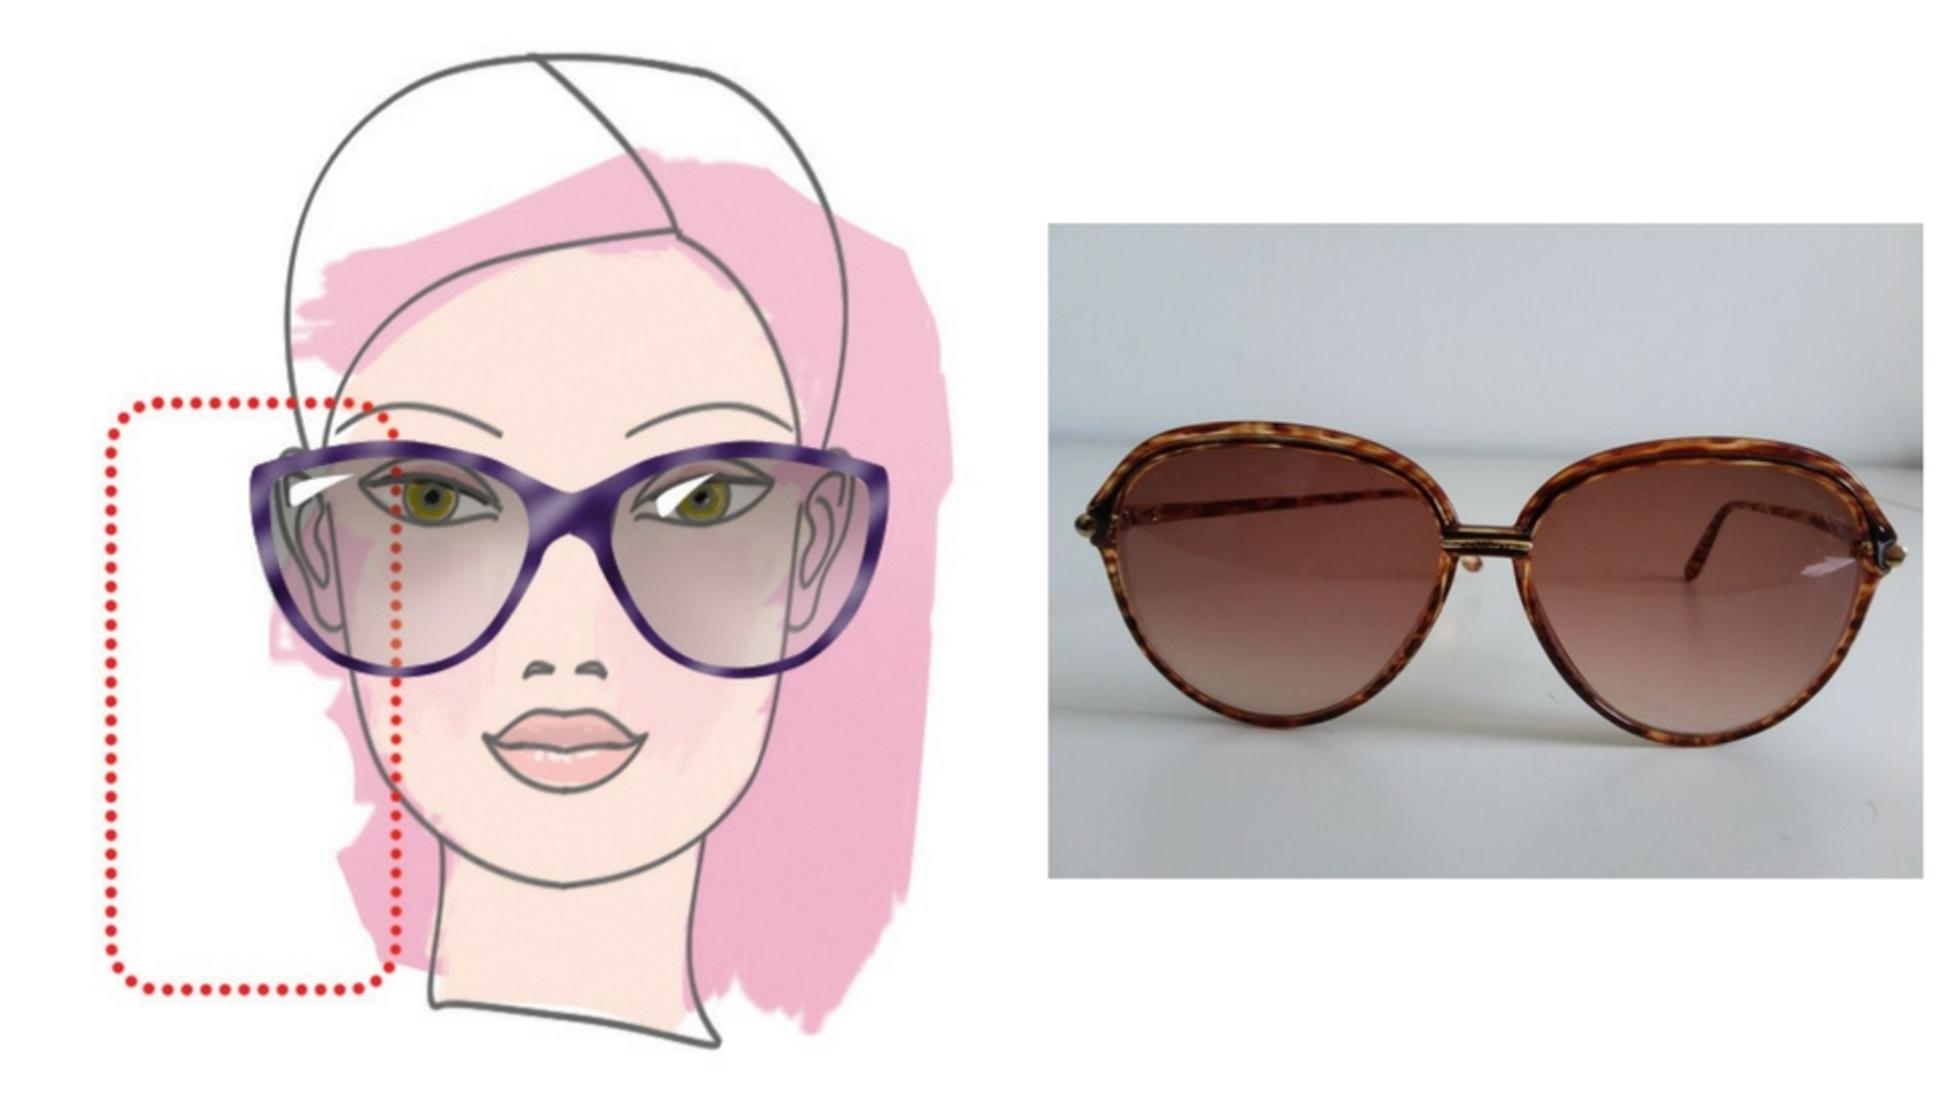 7742e58cd5 Las gafas de sol más grandes funcionan bien en caras alargadas o  rectangulares